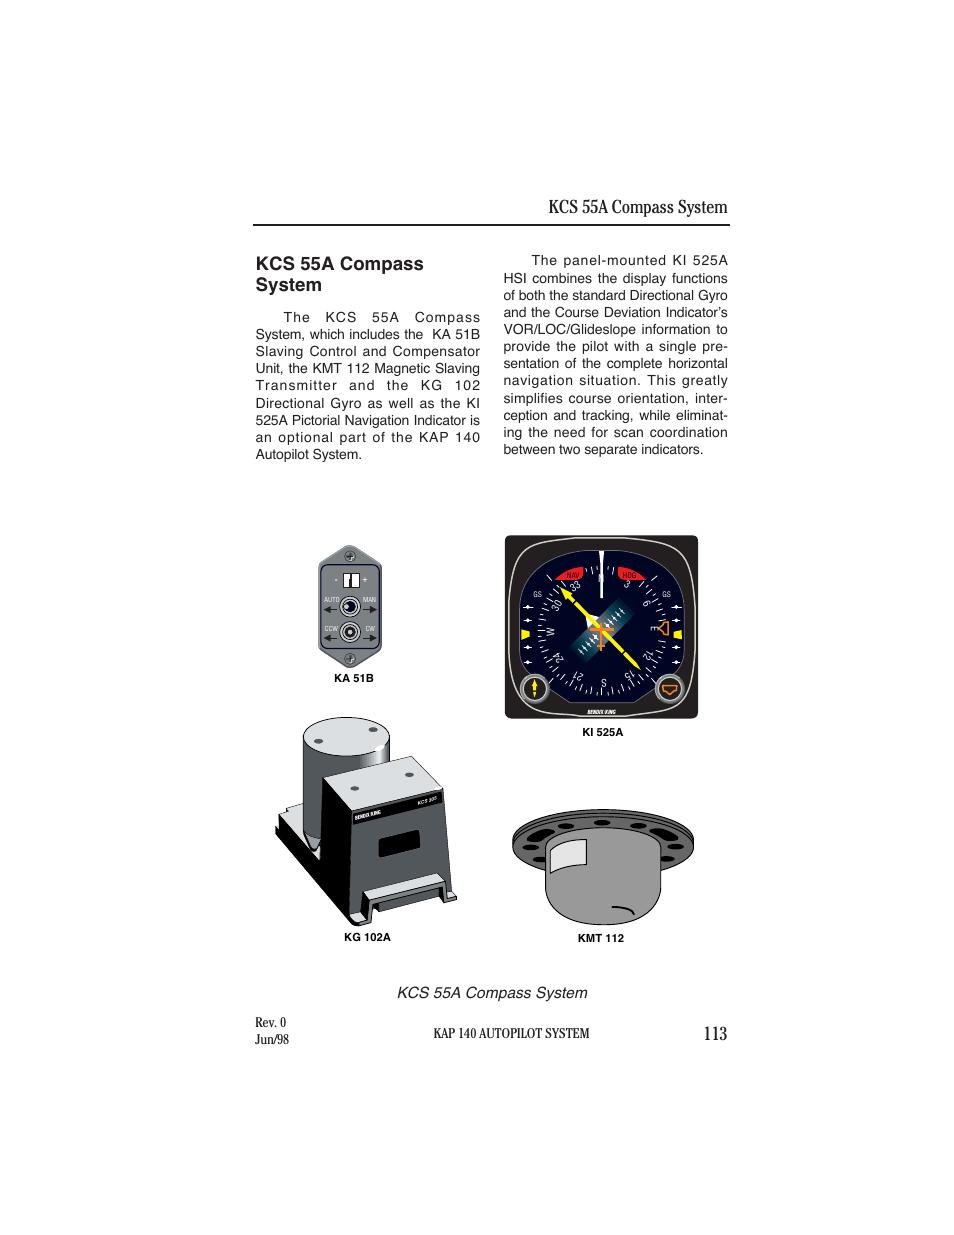 Kcs 55a compasssystem, Kcs 55a compass system, Kap 140